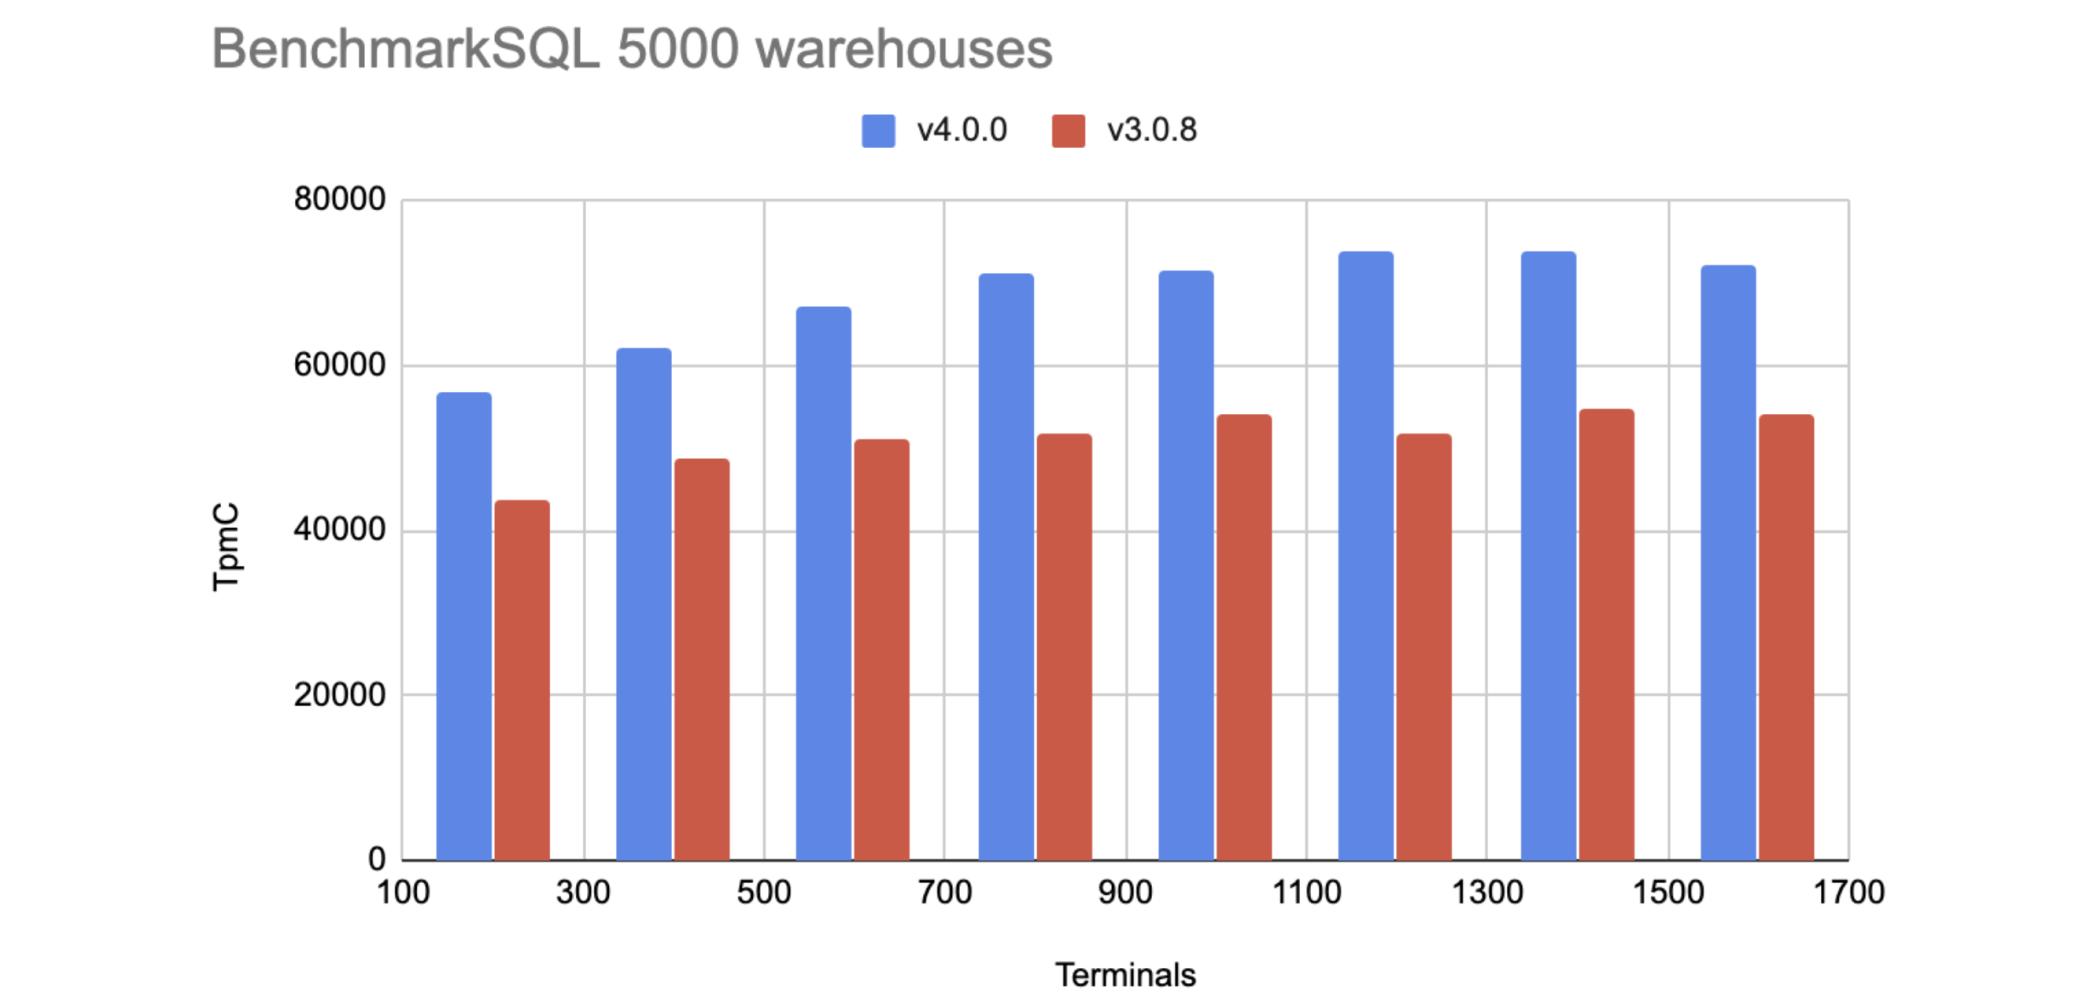 TPC-C benchmarks for TiDB 4.0